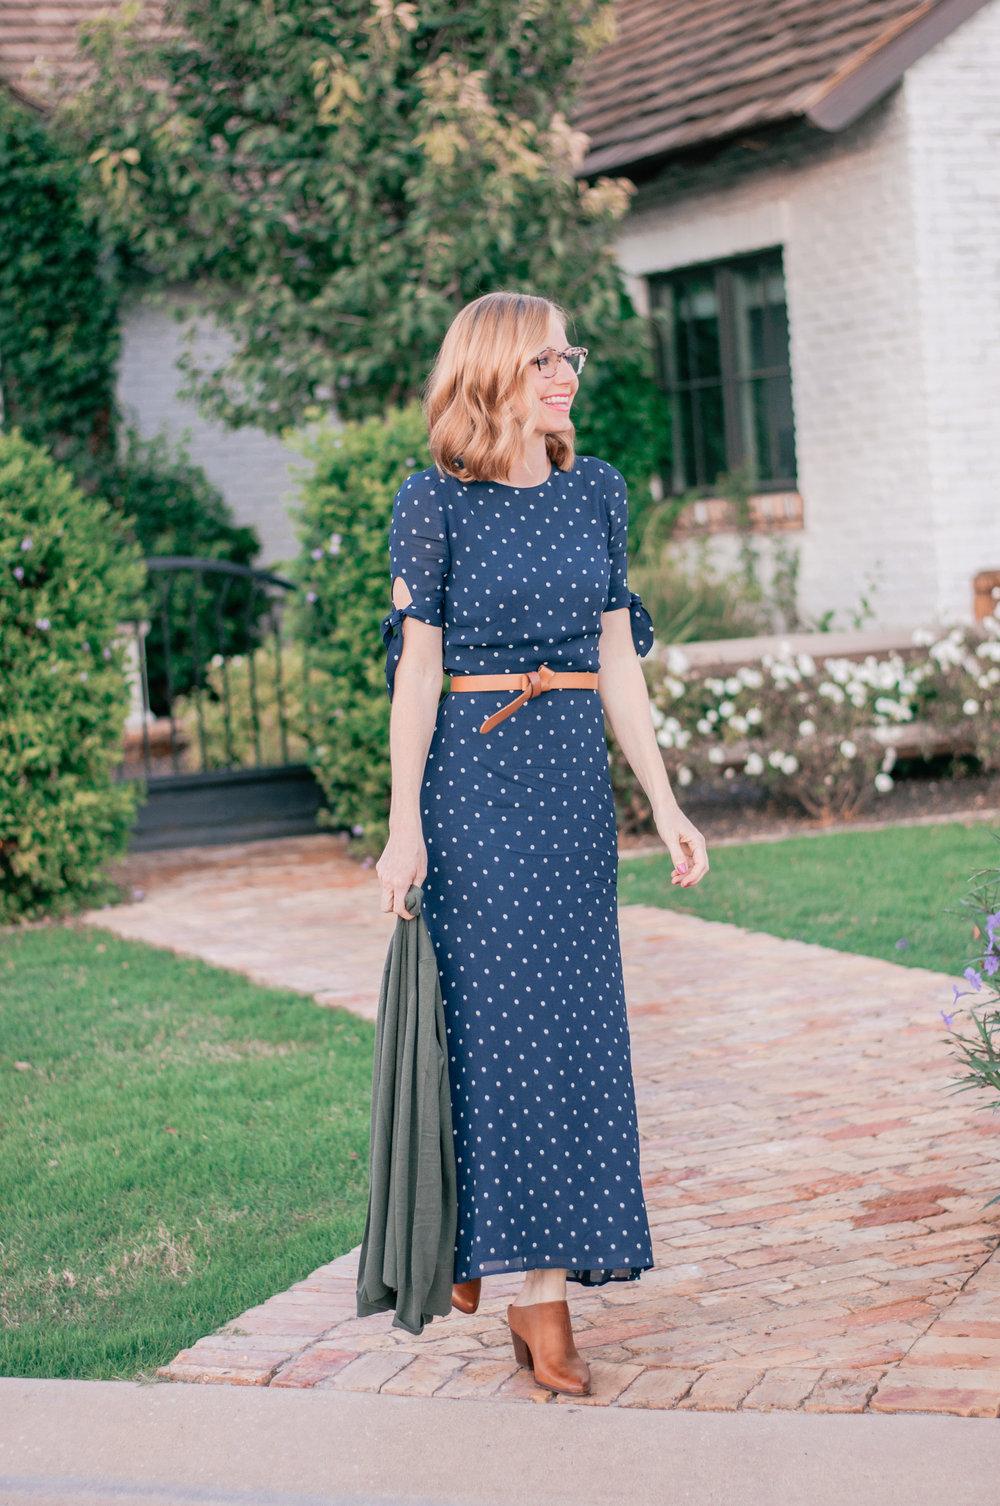 the-best-fall-dresses-for-weddings-1-2.jpg